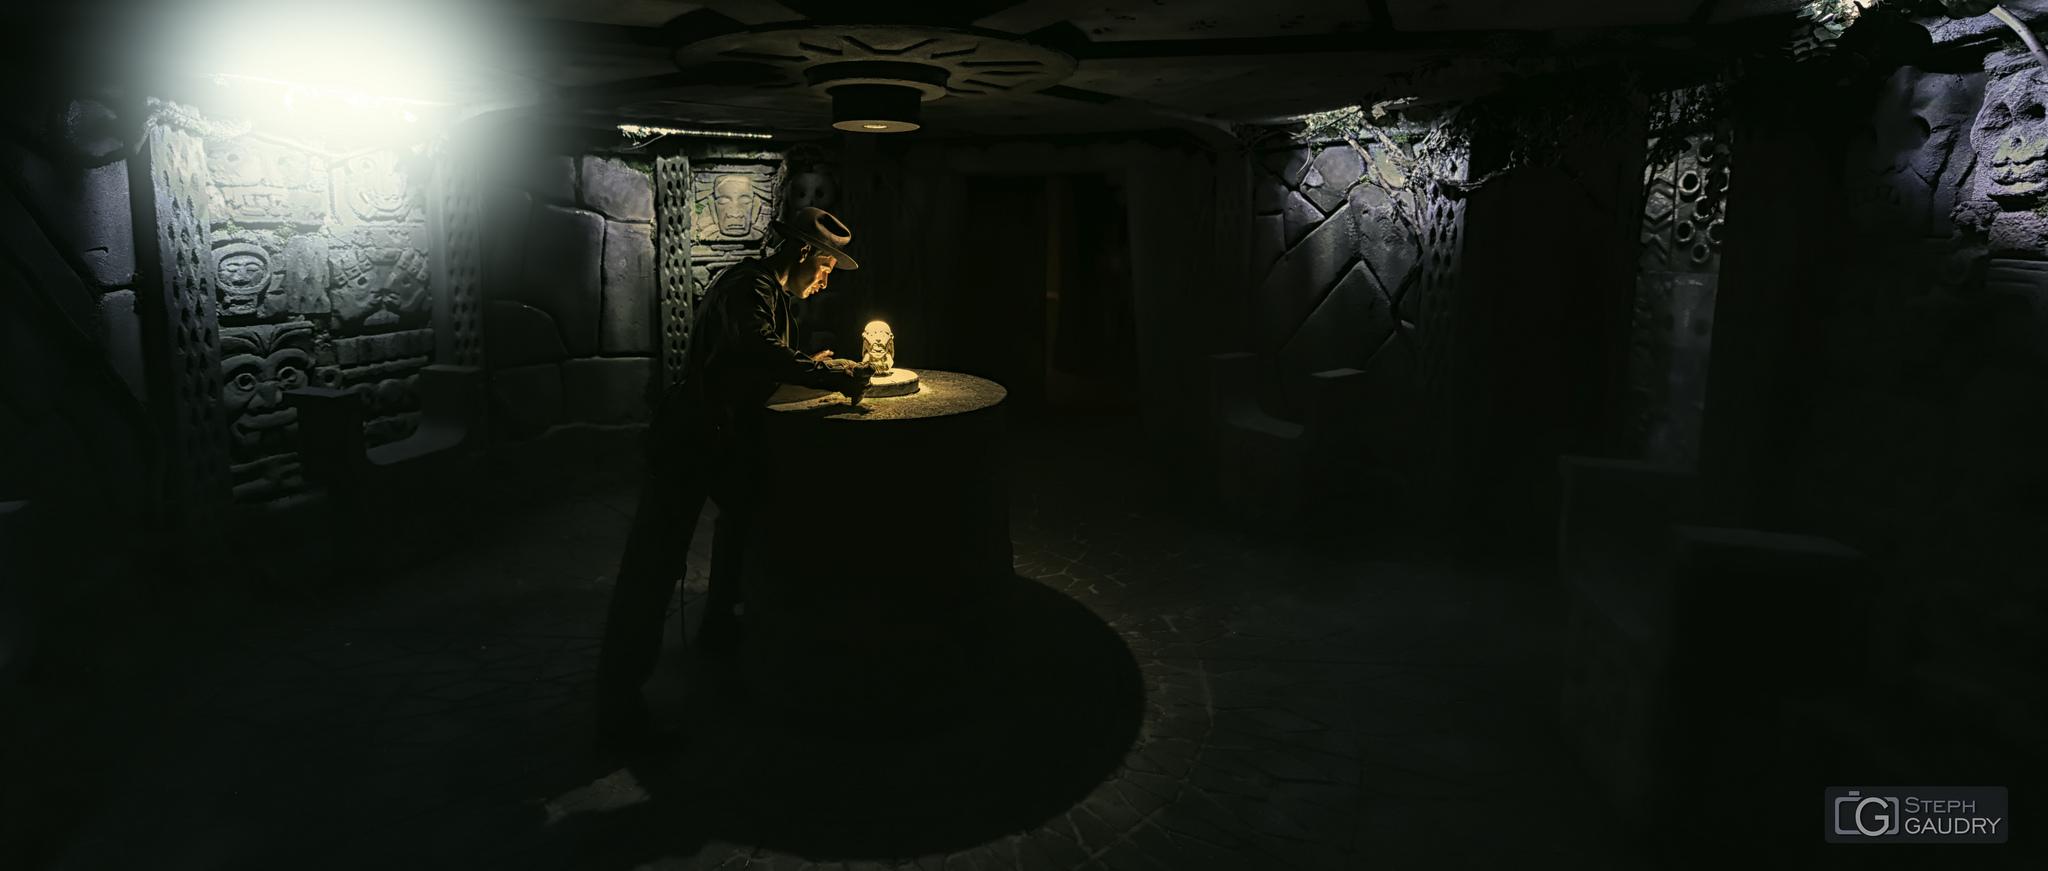 Les aventuriers de l'Arche perdue - 2019_02_24_132407-cine [Click to start slideshow]